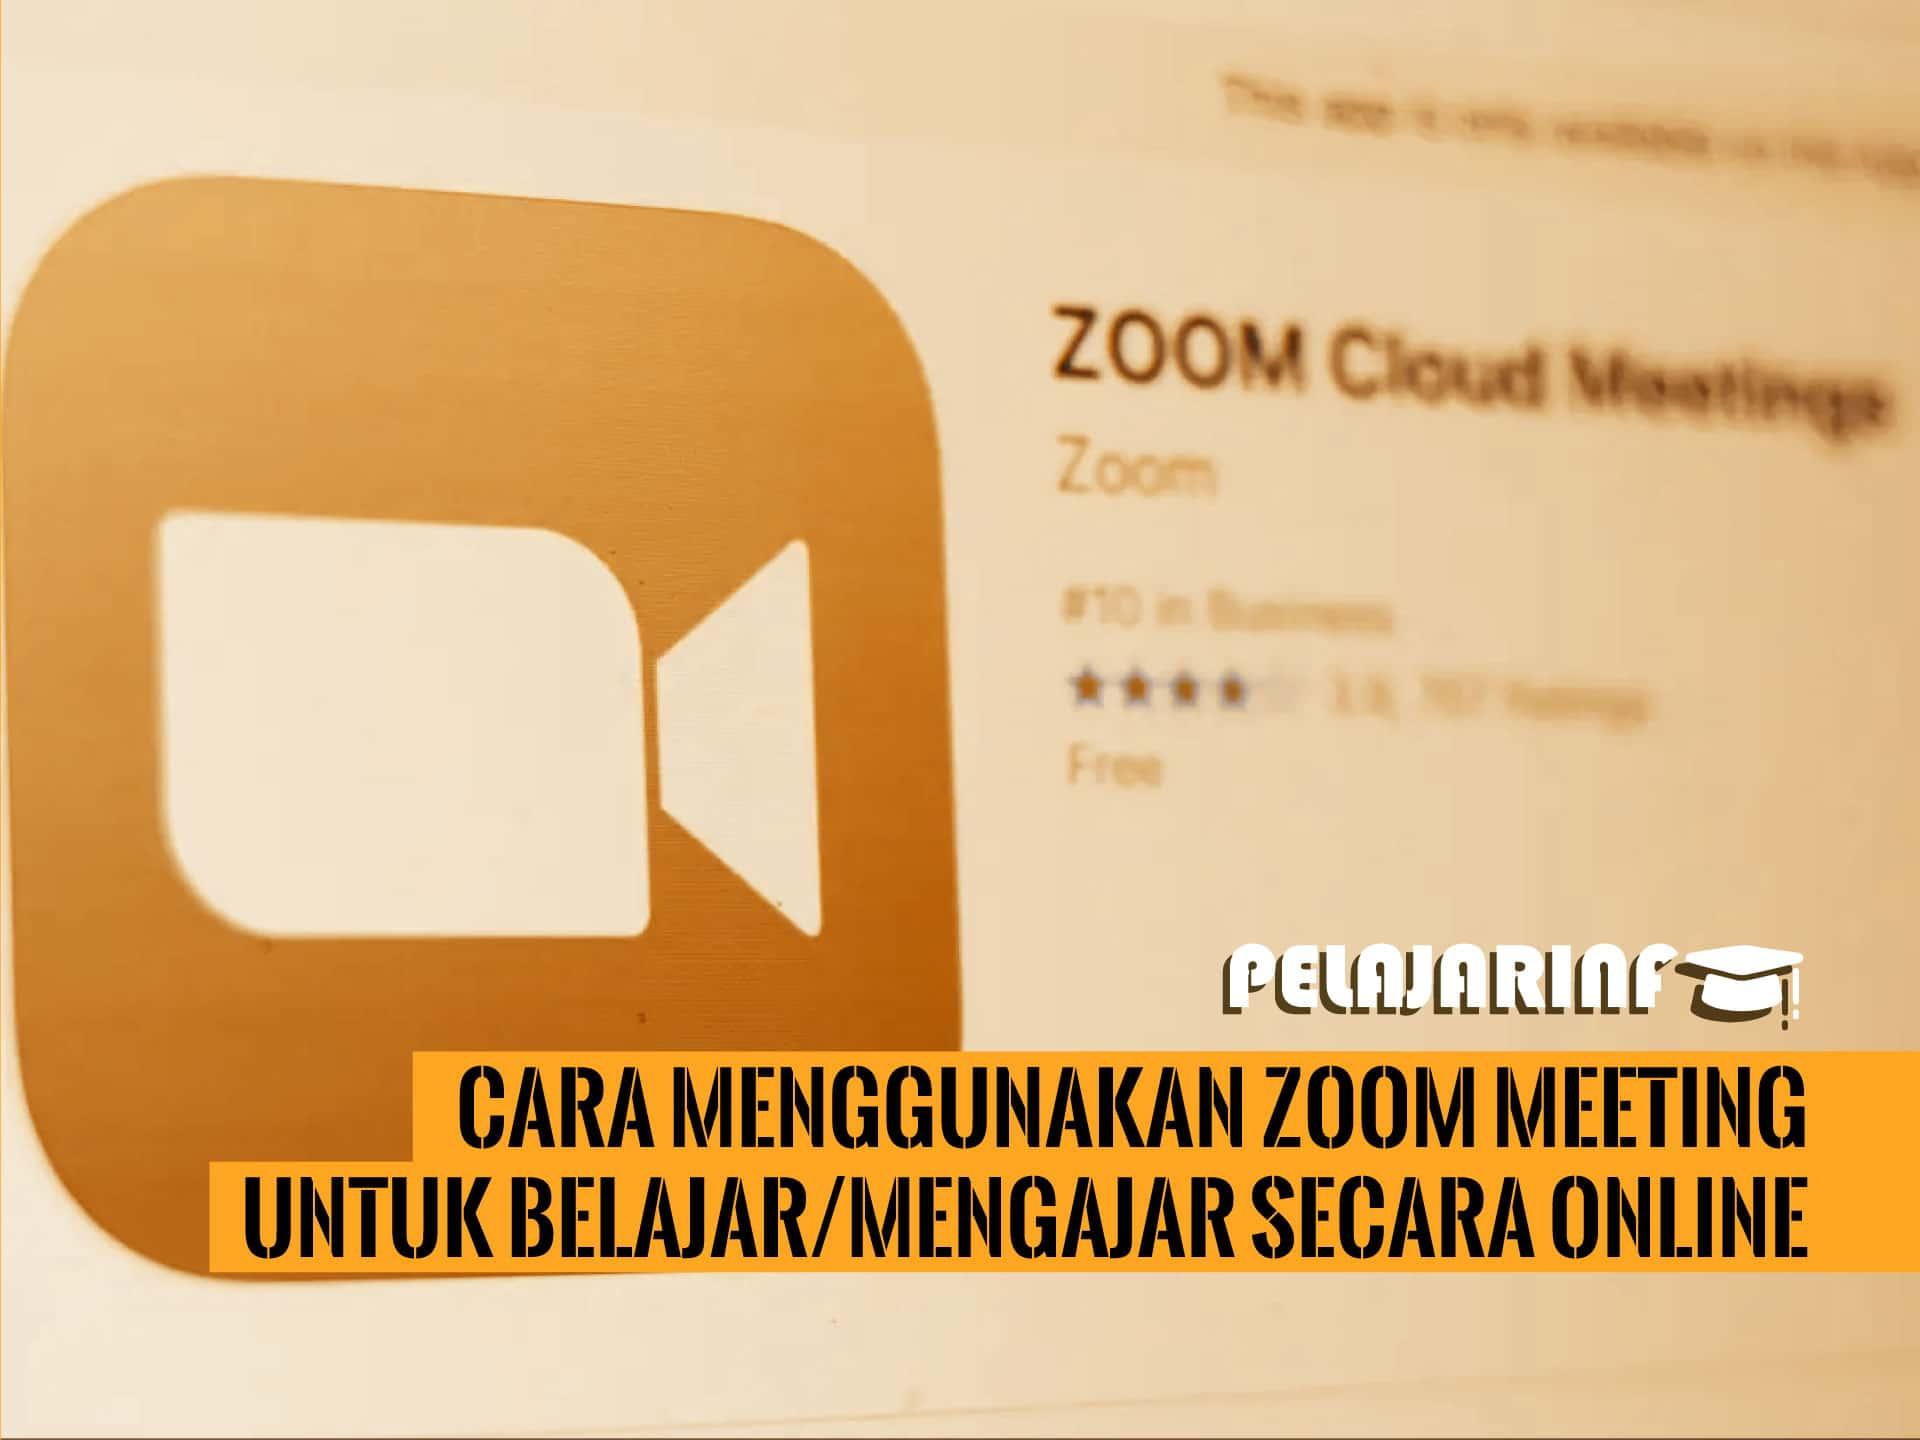 Zoom Cloud Wallpaper